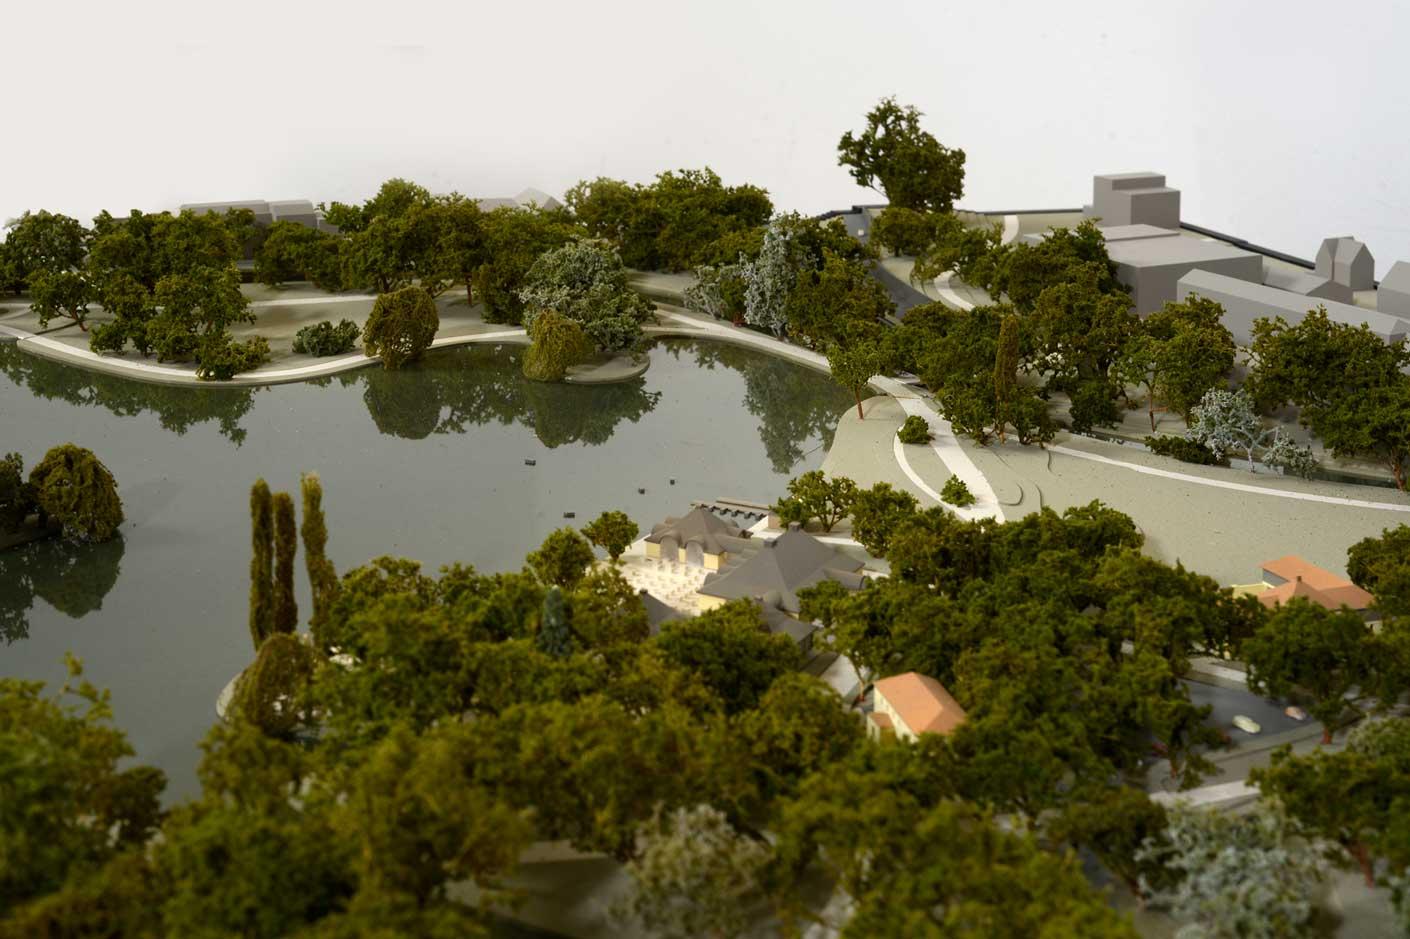 Gartenmodell des Englischen Gartens, Detail Kleinhesseloher See